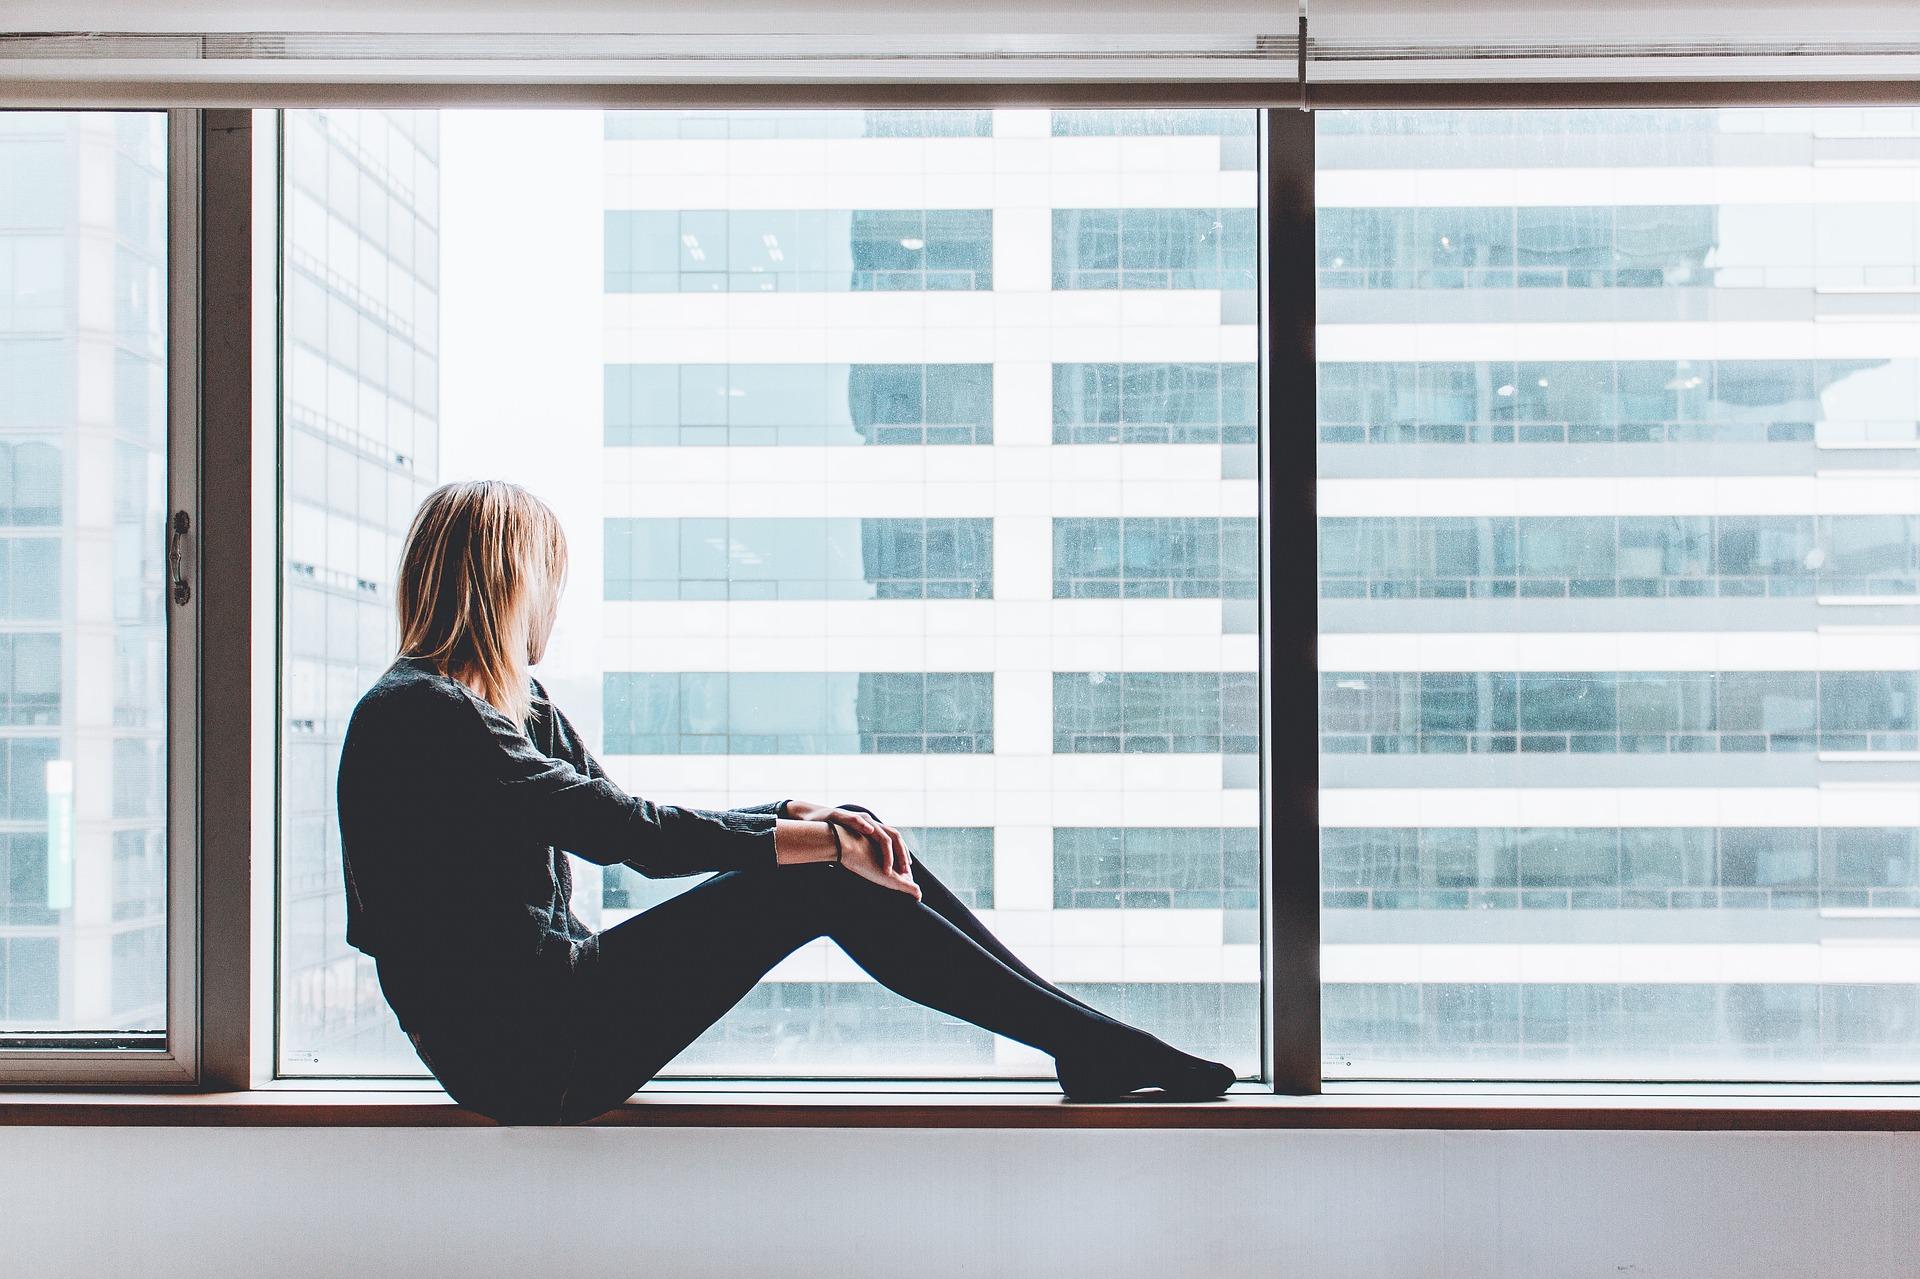 Female sat near window looking out